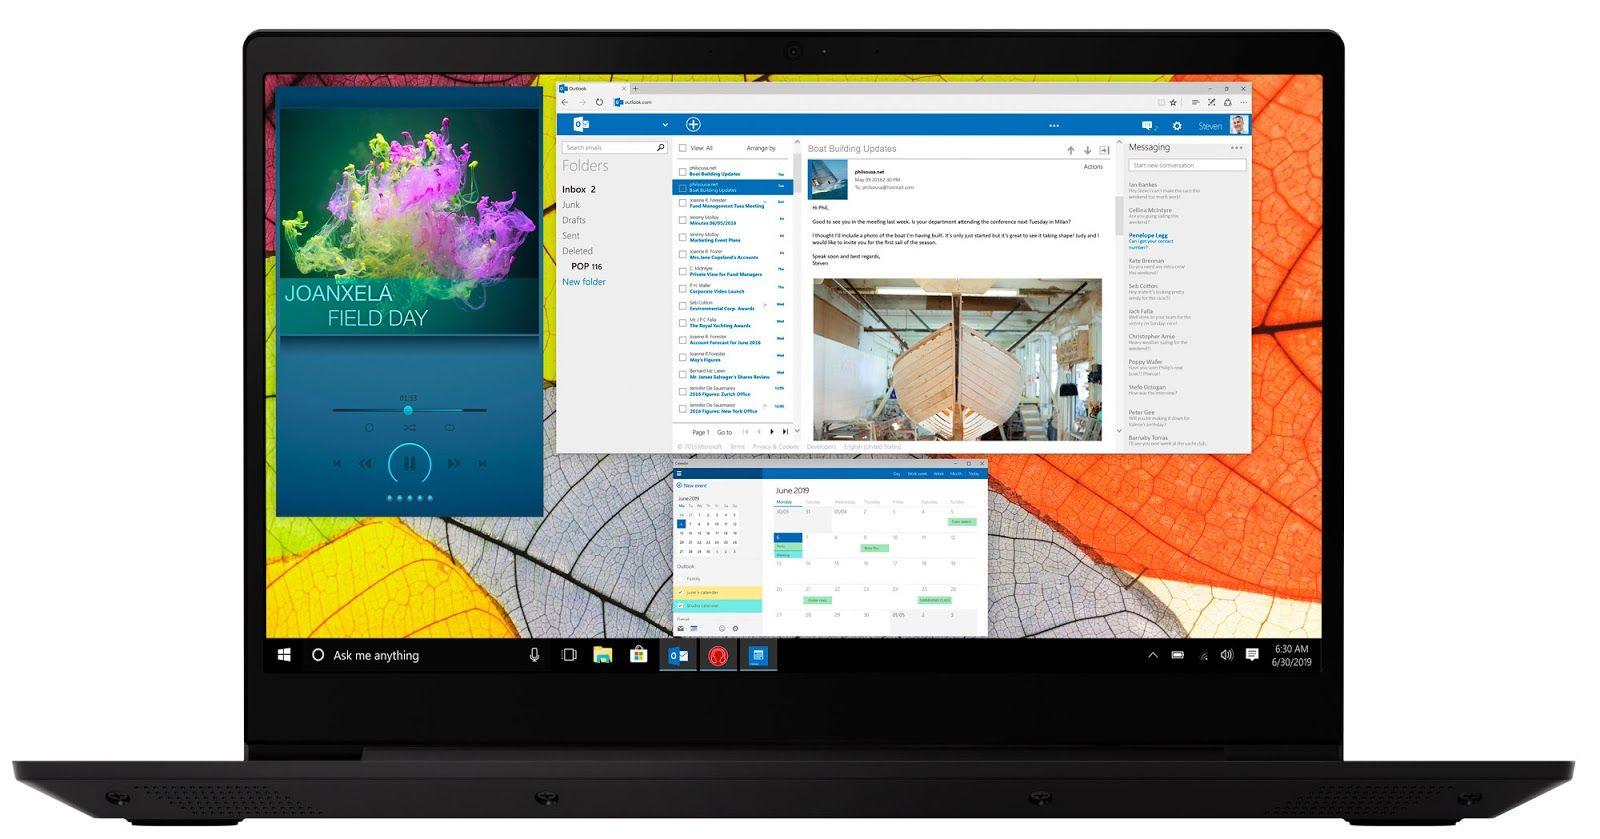 Обзор актуальных продуктов Lenovo в Беларуси: Legion для киберспорта; ThinkPad для успешного бизнеса; YOGA для креативных и Lenovo ideapad для всех.